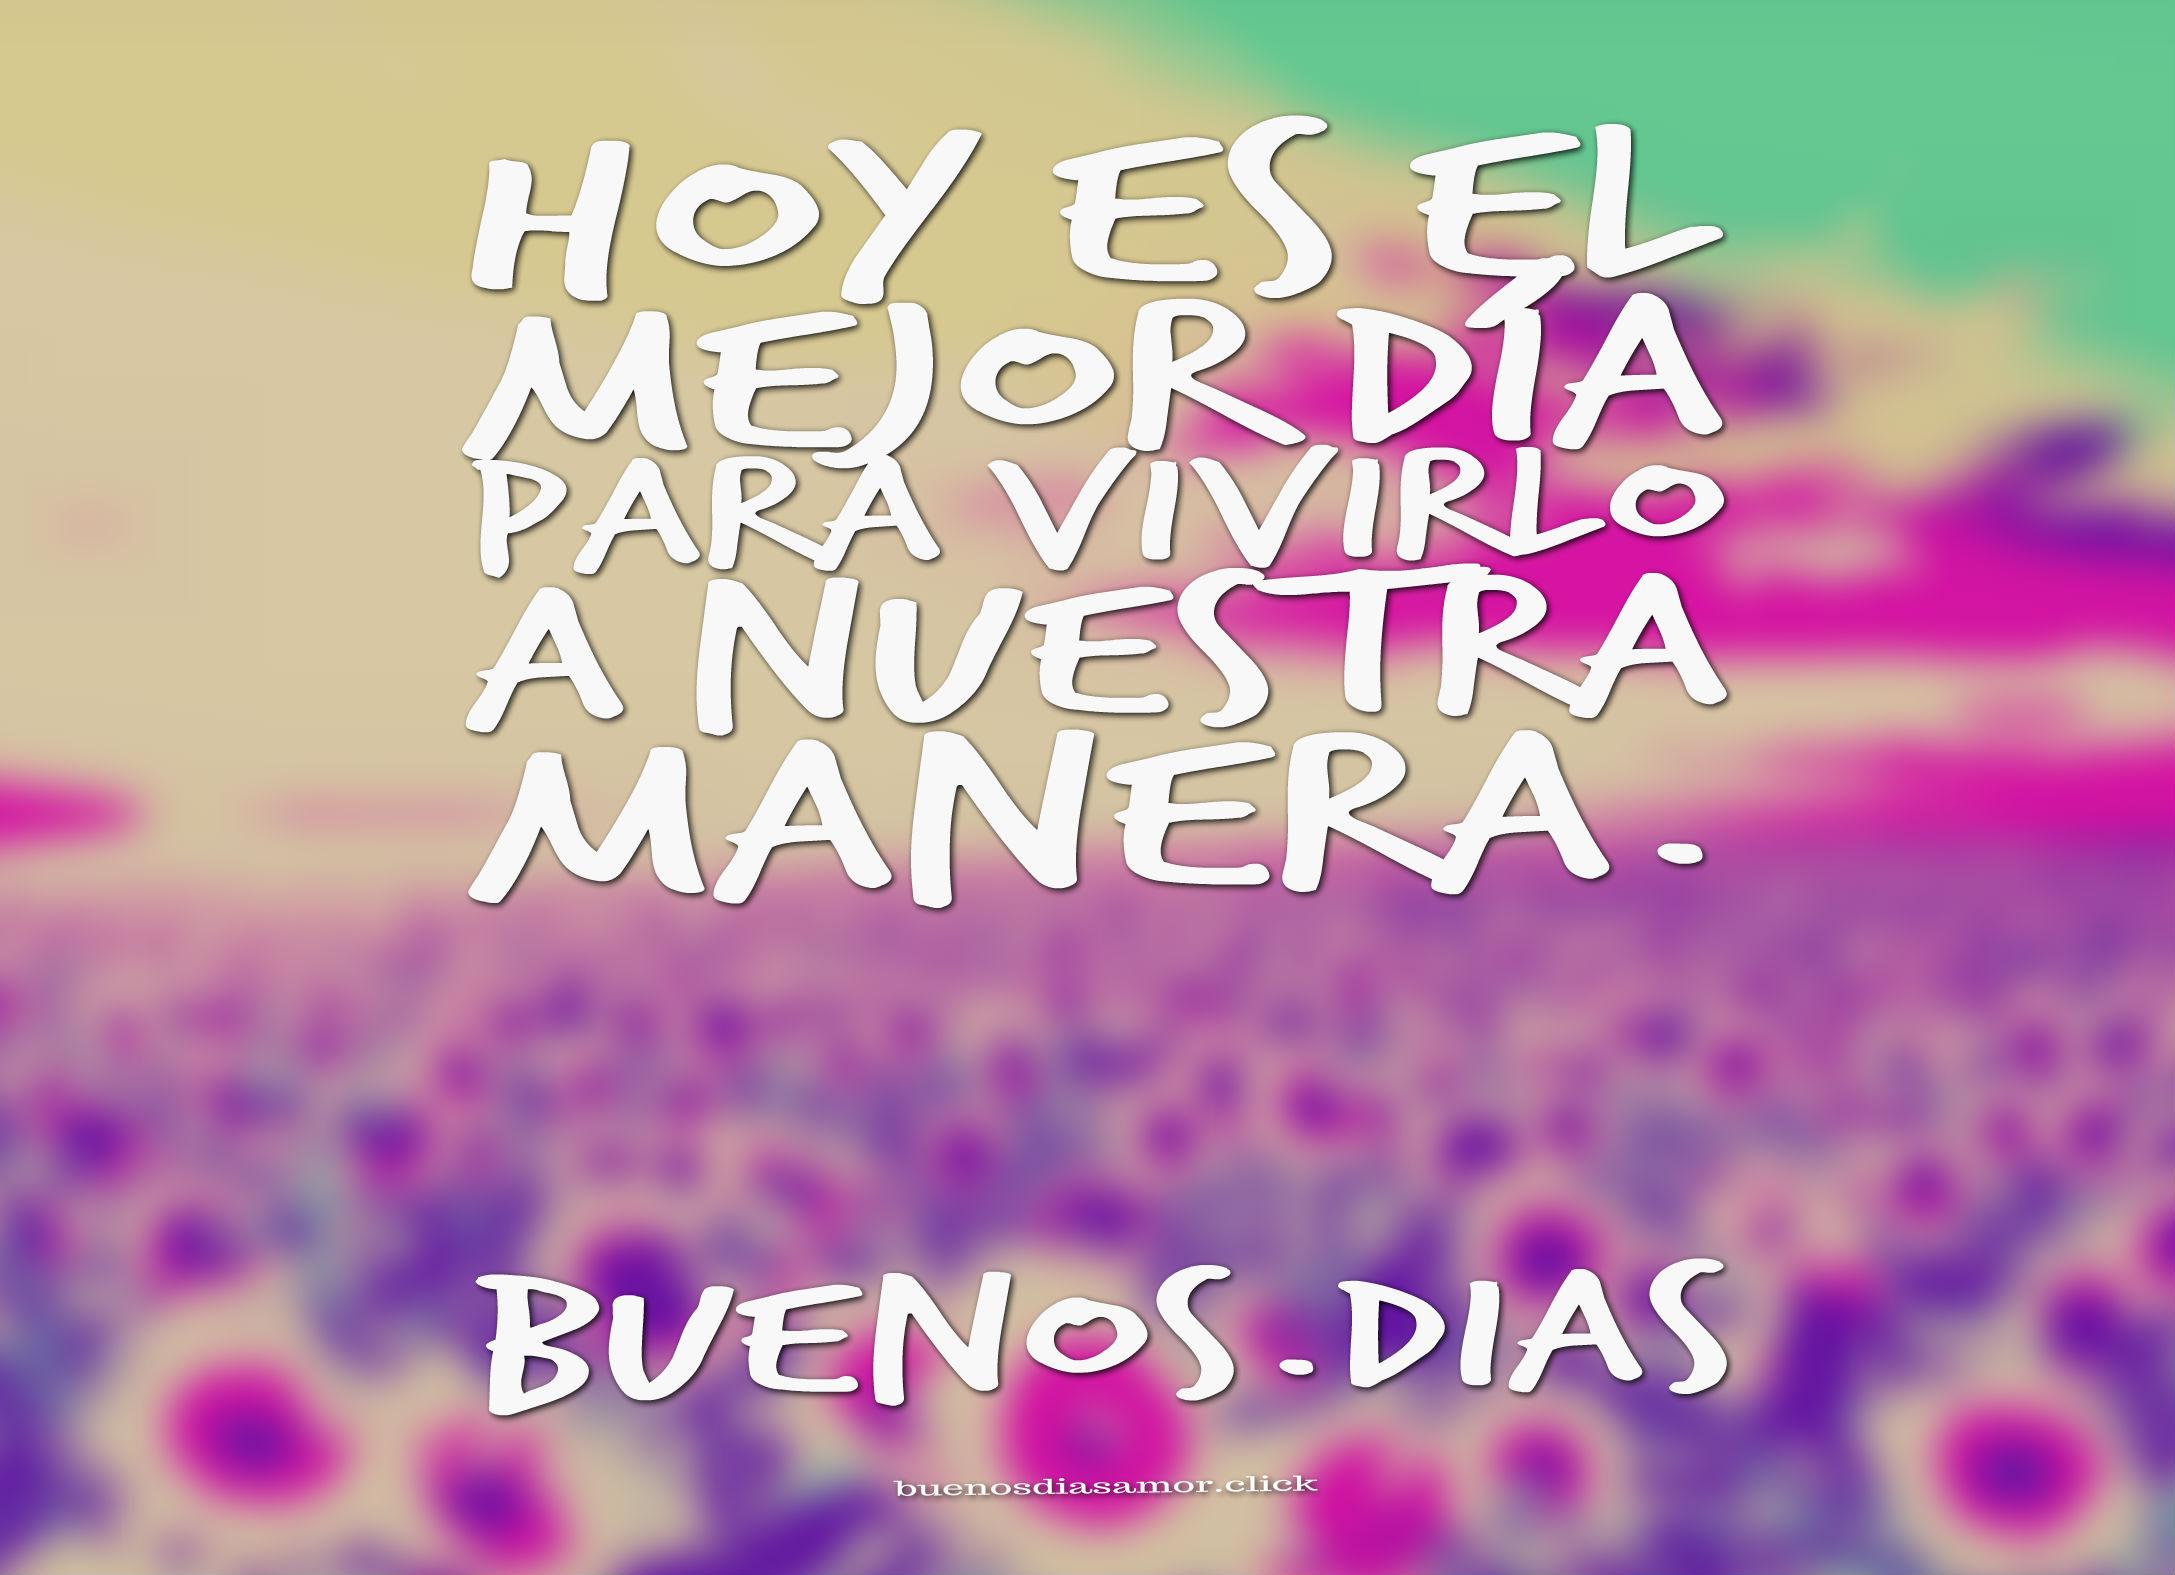 Imagenes De Frases Bonitas: !! Las Mas Bellas IMAGENES Con Frases De BUENOS DIAS Amor